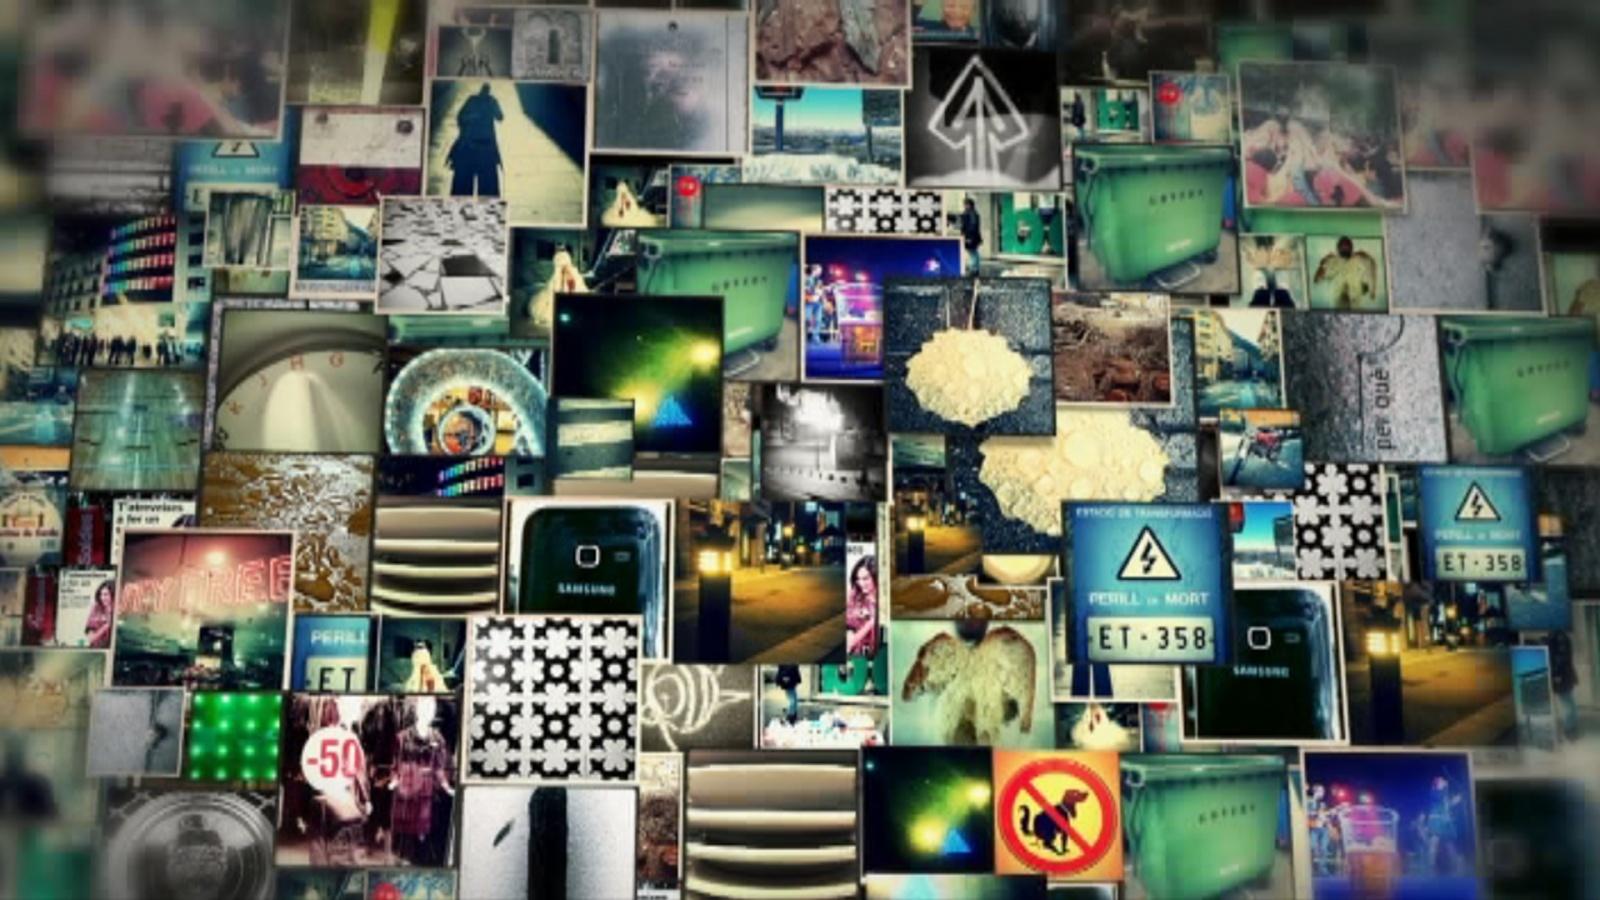 L'arrova estesa - L'app del Bondia i un recorregut fotogràfic online